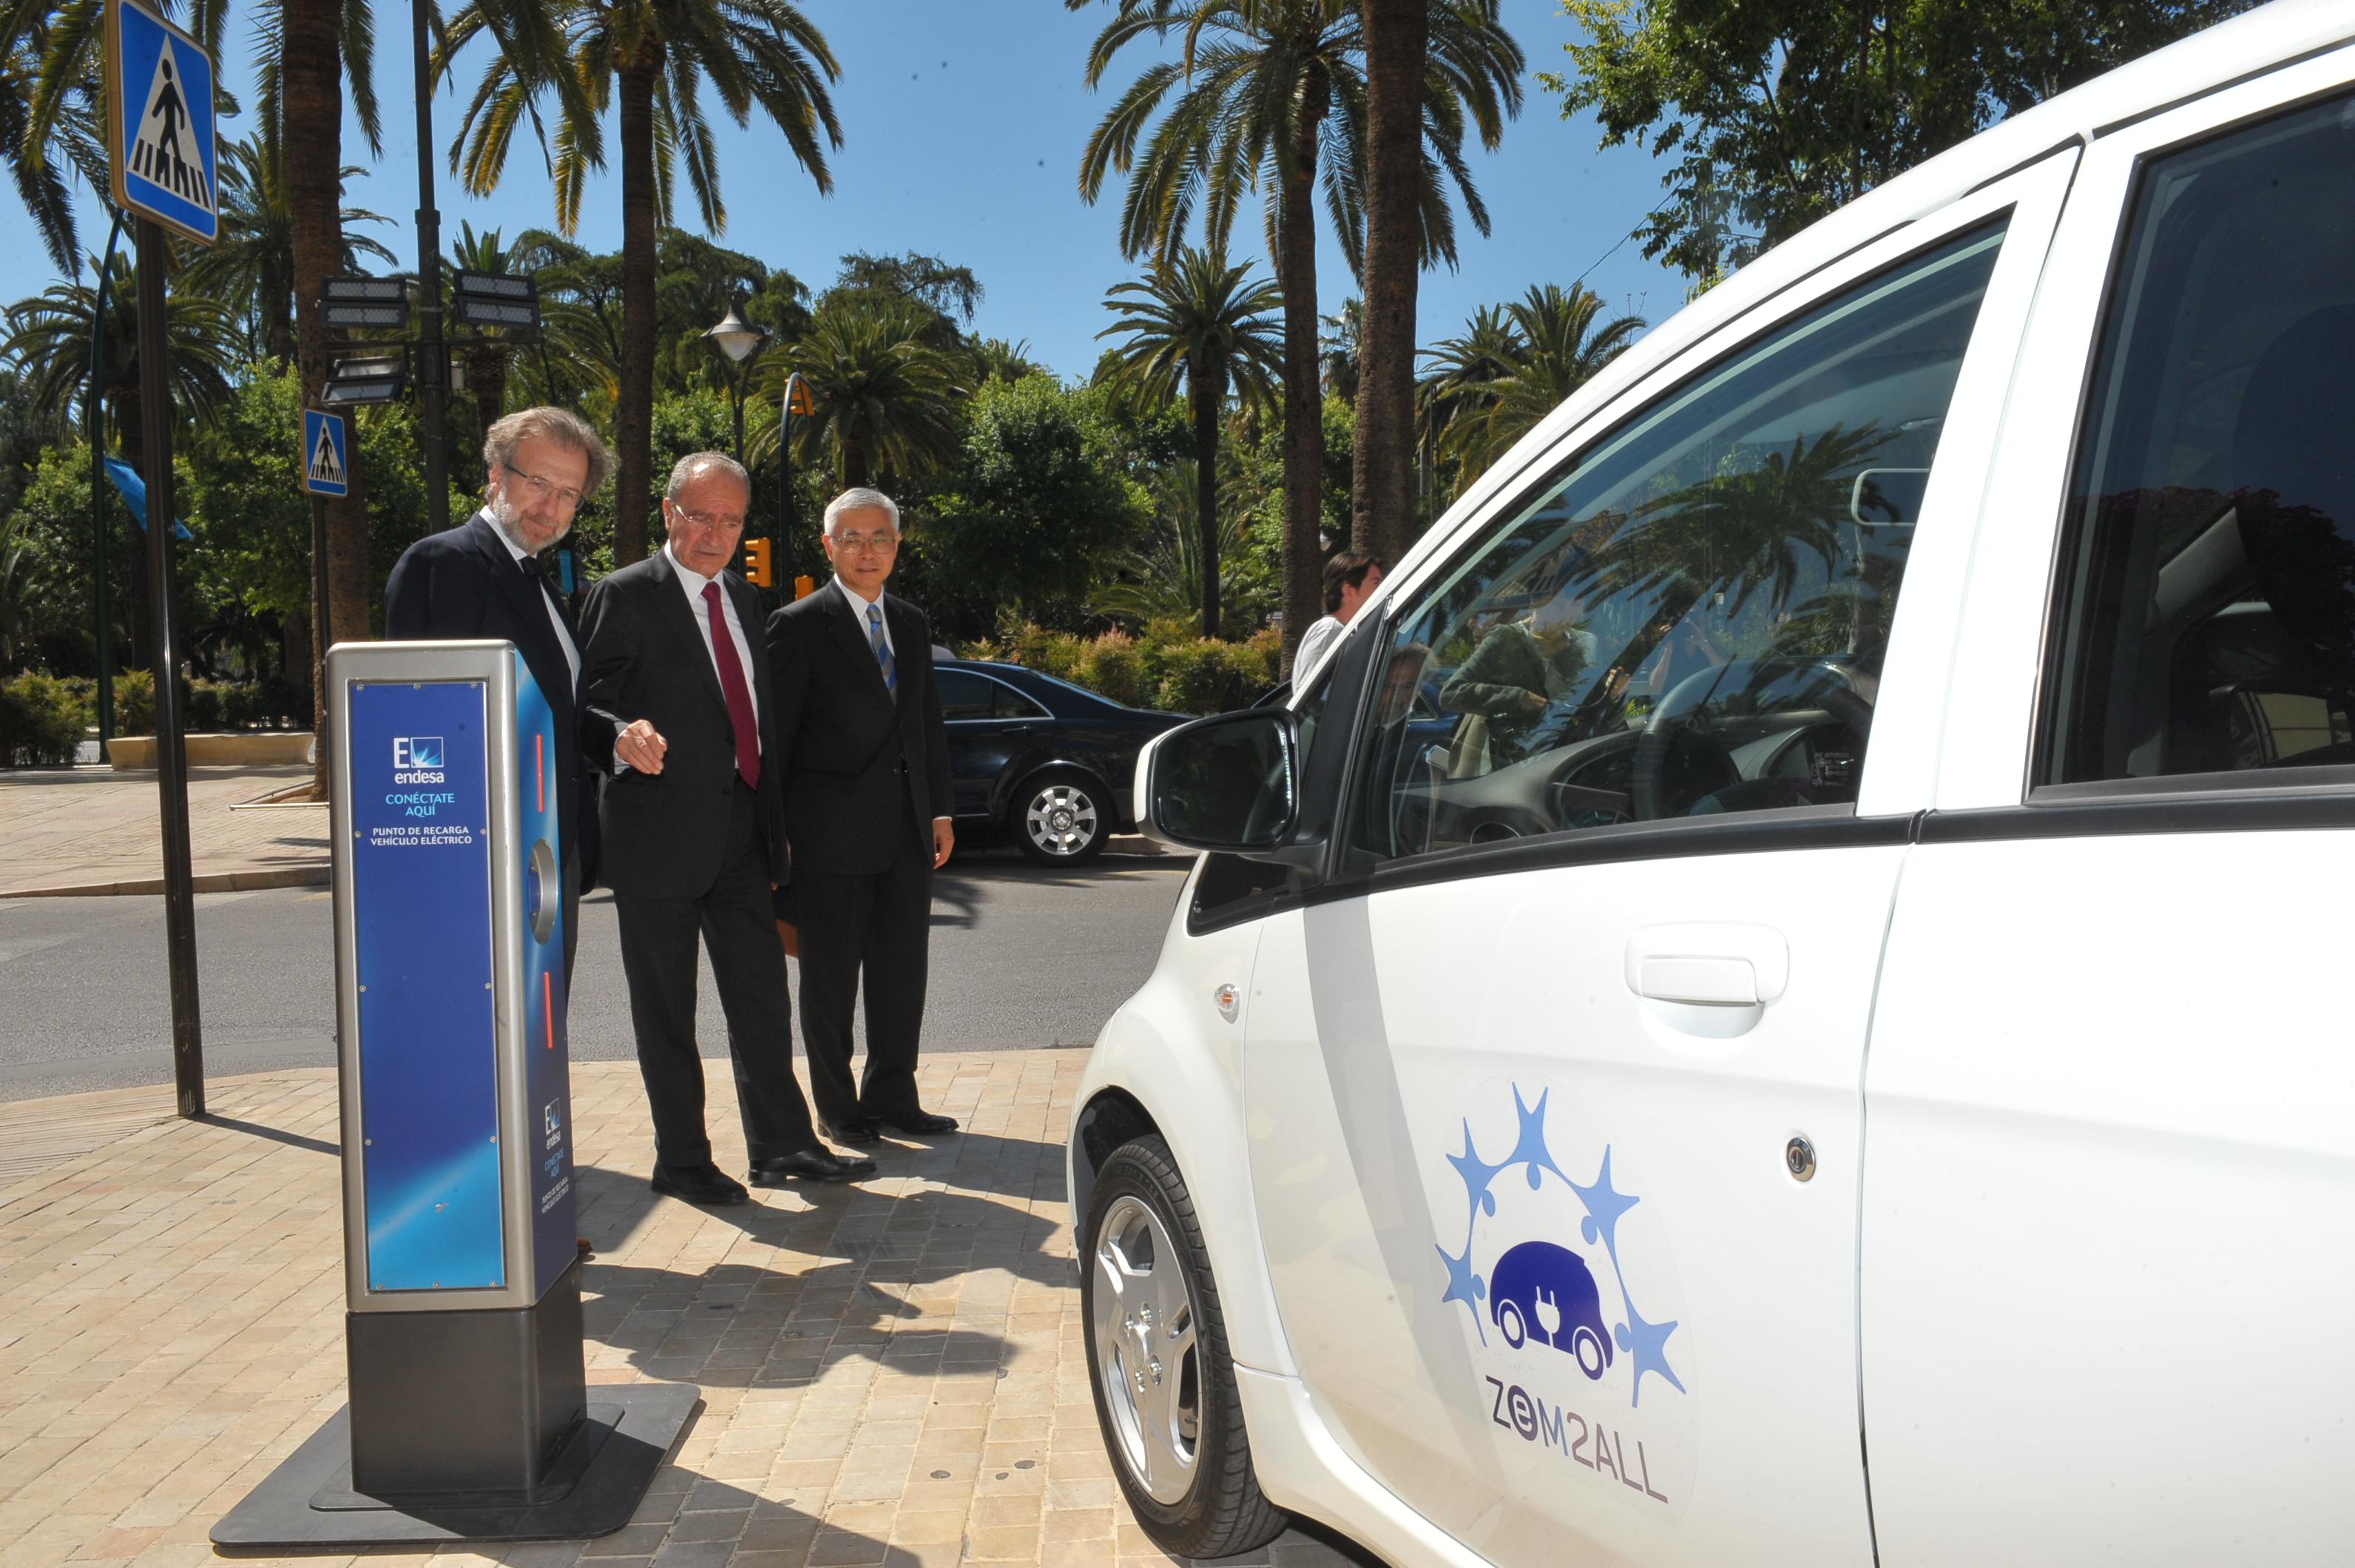 200 vehículos eléctricos desembarcarán en Málaga para evaluar su impacto